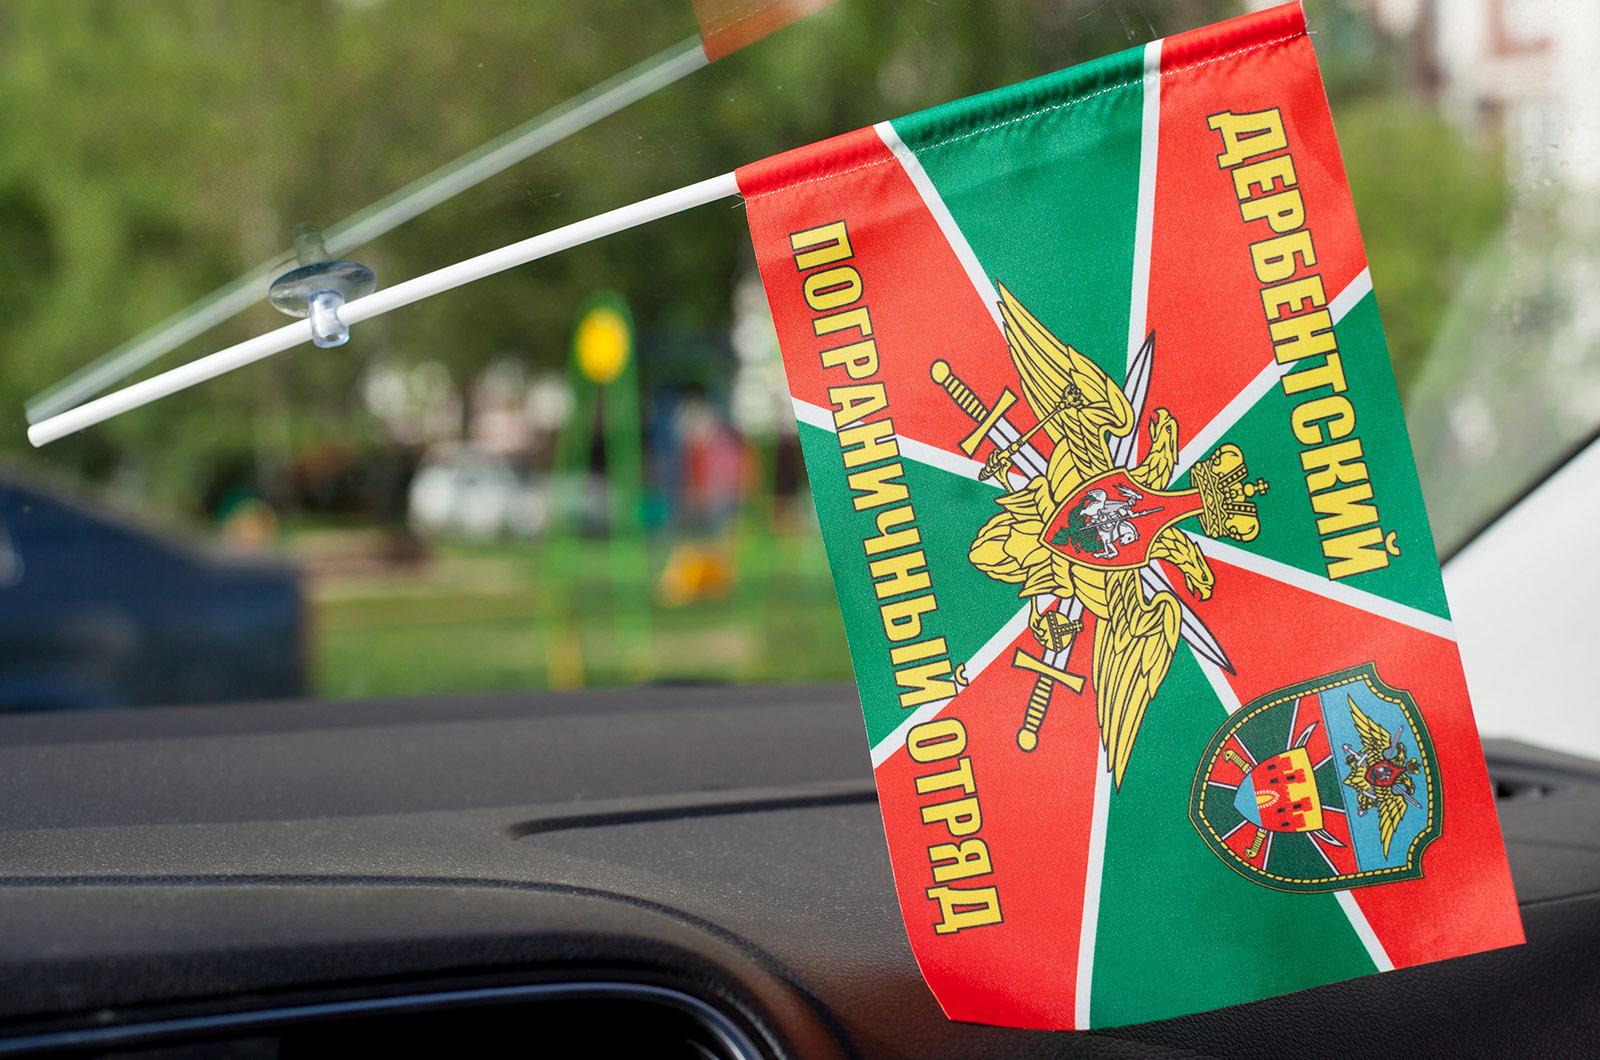 Флажок в машину «Дербентский пограничный отряд»